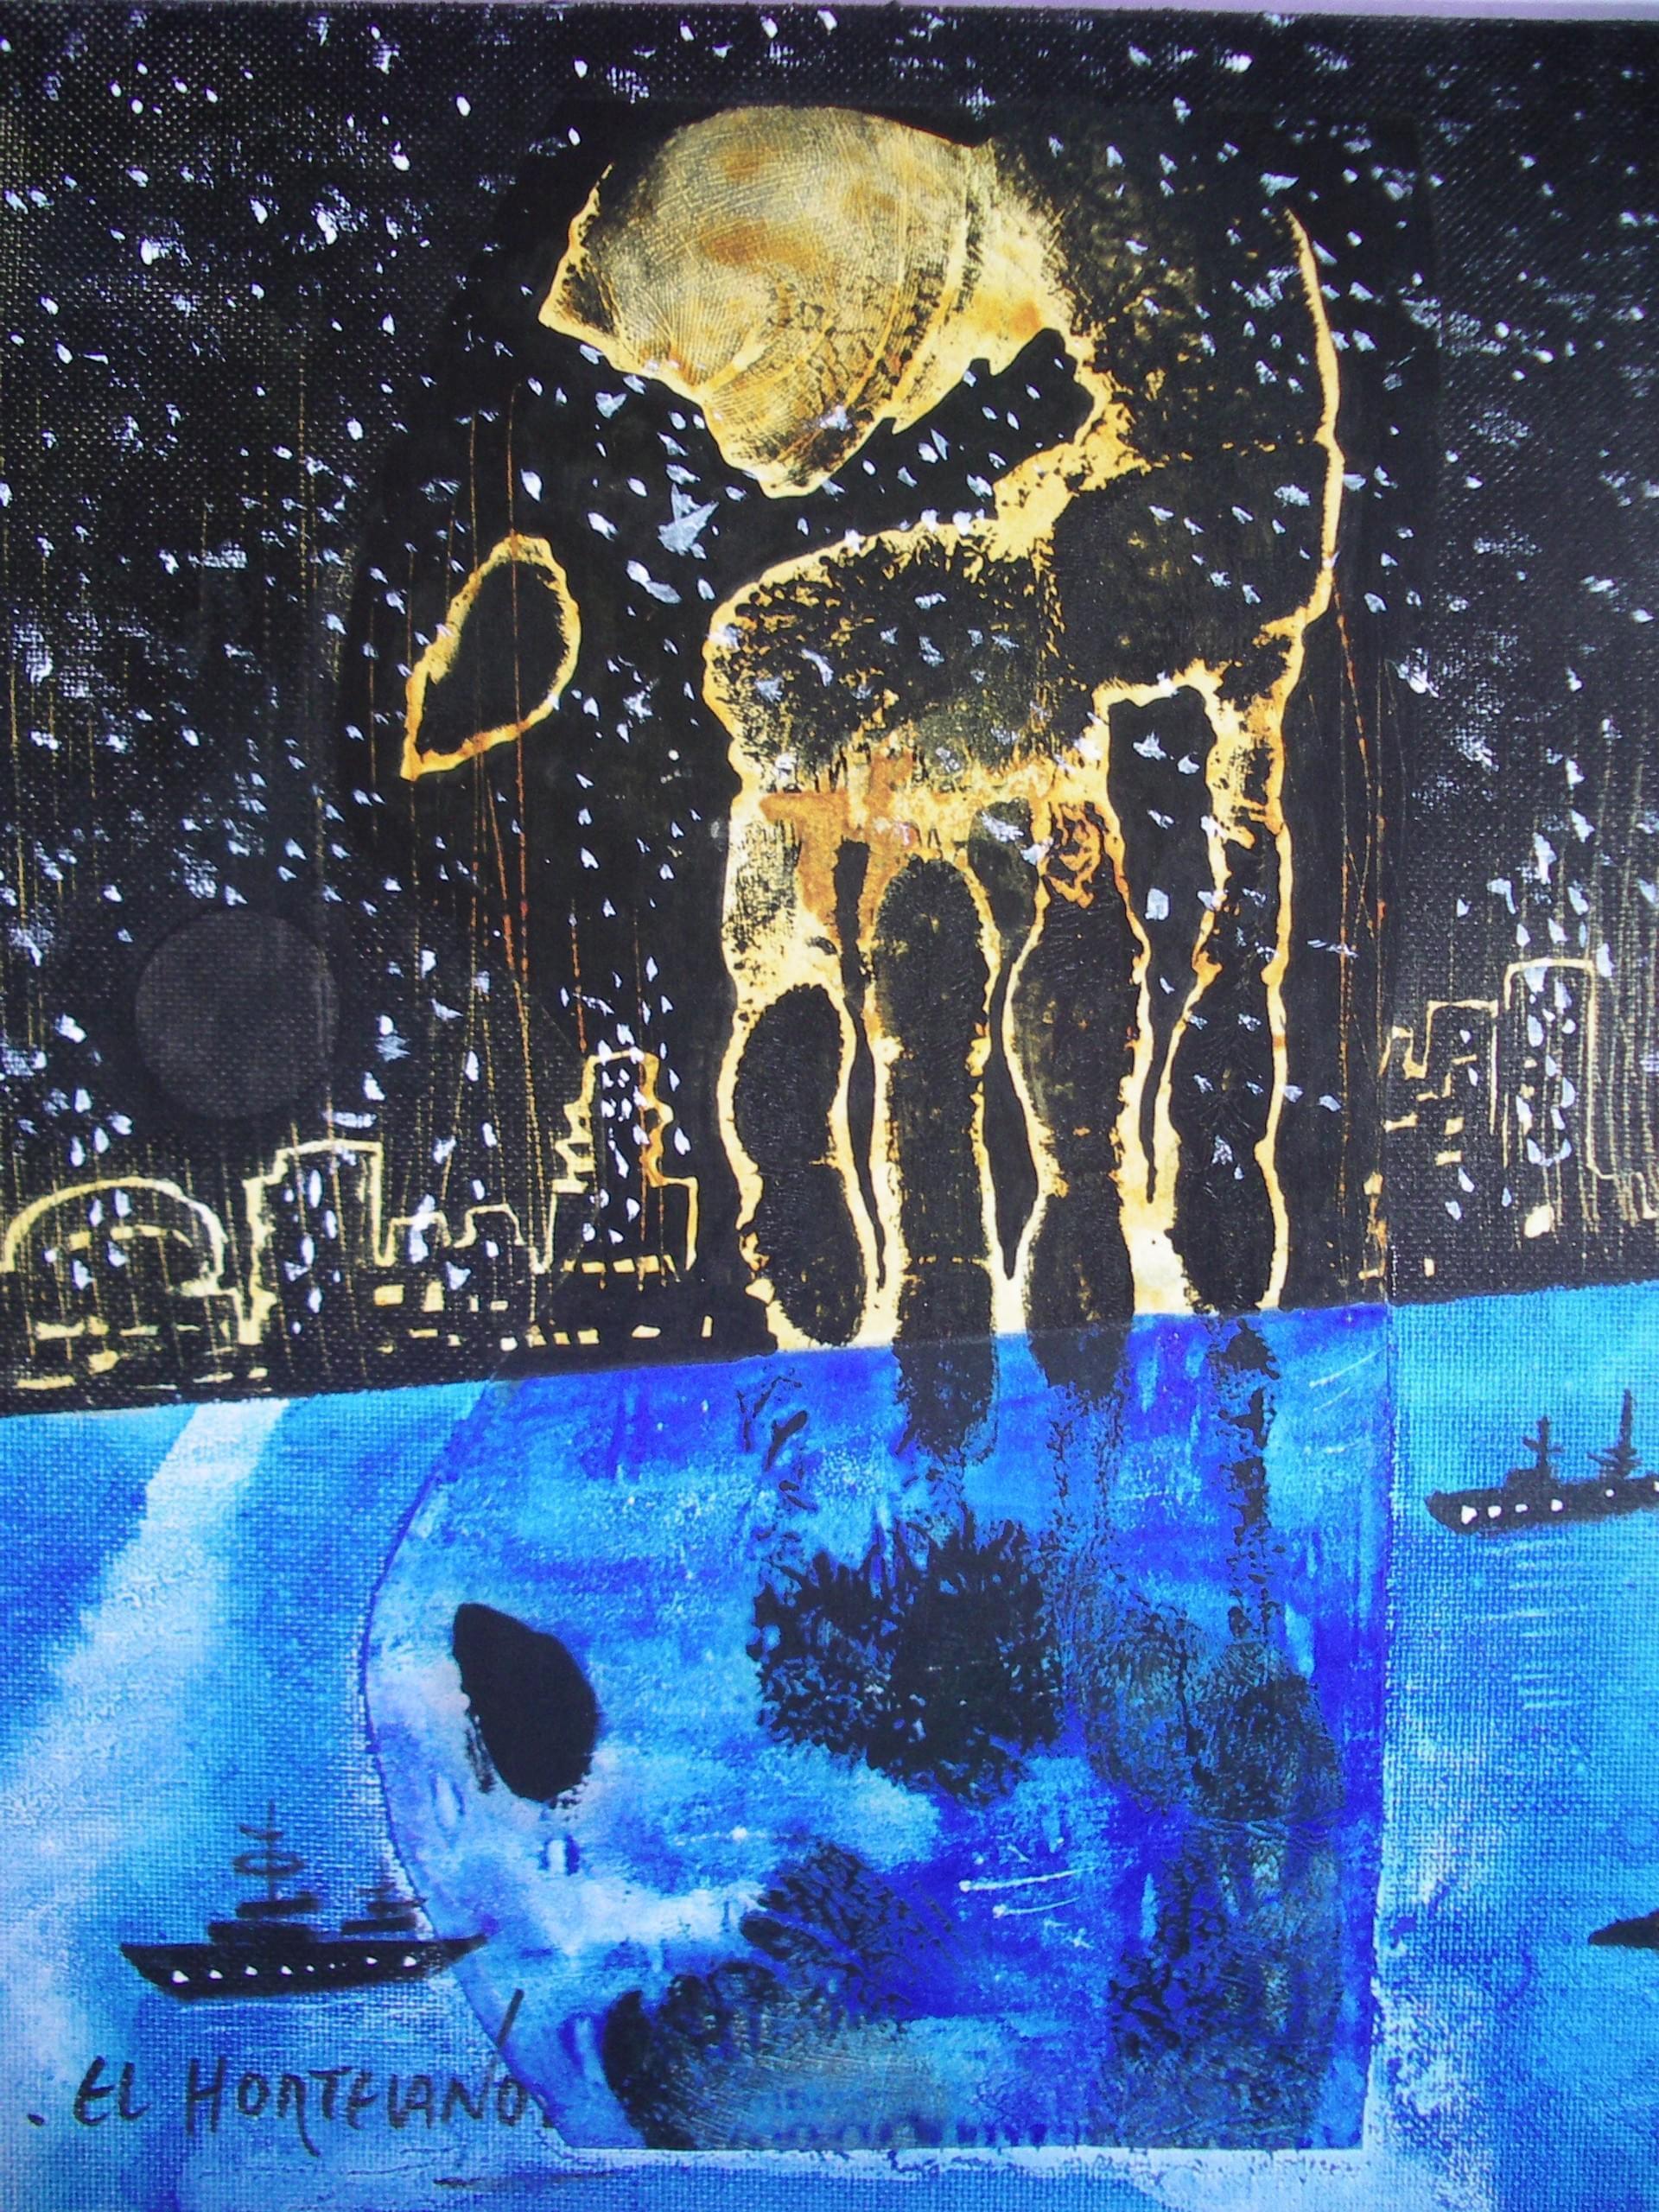 12-EH012 38-Bagdad Óleo y técnica mixta sobre lienzo 28 x 22 cm 2003